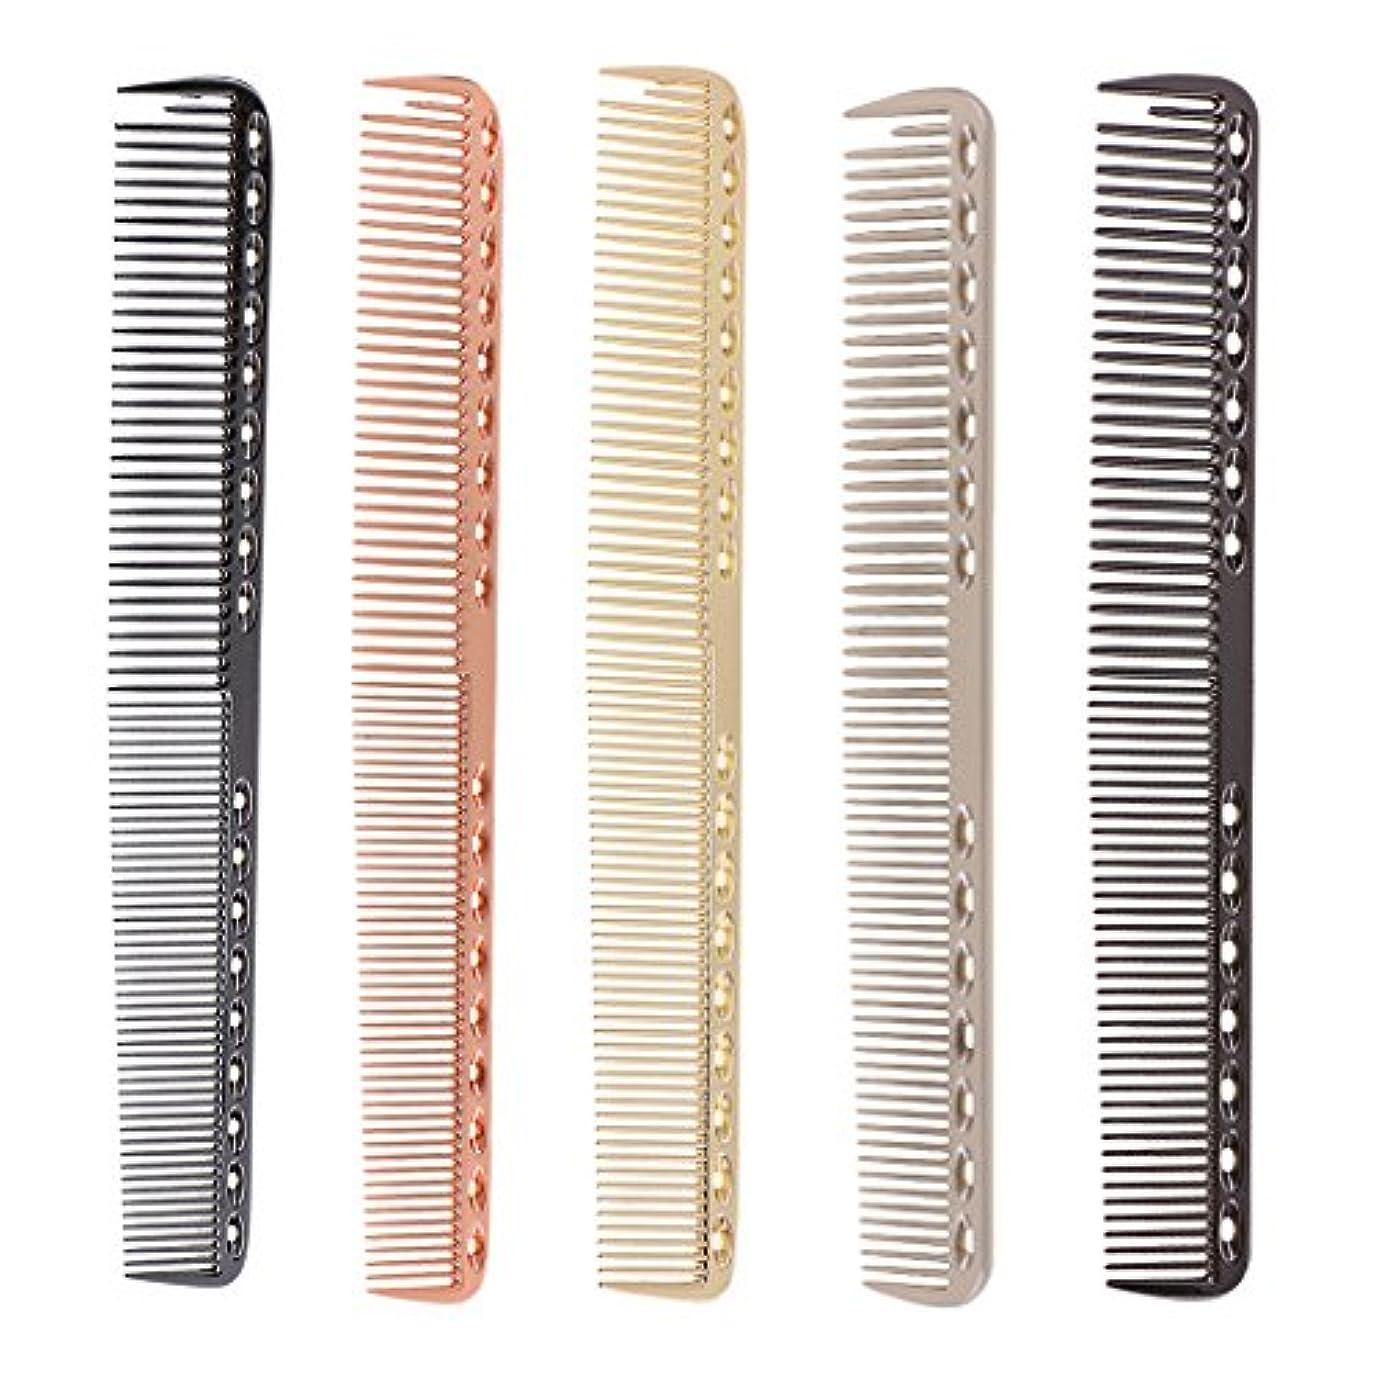 もっと少なくスーツケースローラーKesoto 5個入り 髪の櫛 櫛 超軽量 アルミ サロン 理髪師 ヘアカット ヘアカッティング